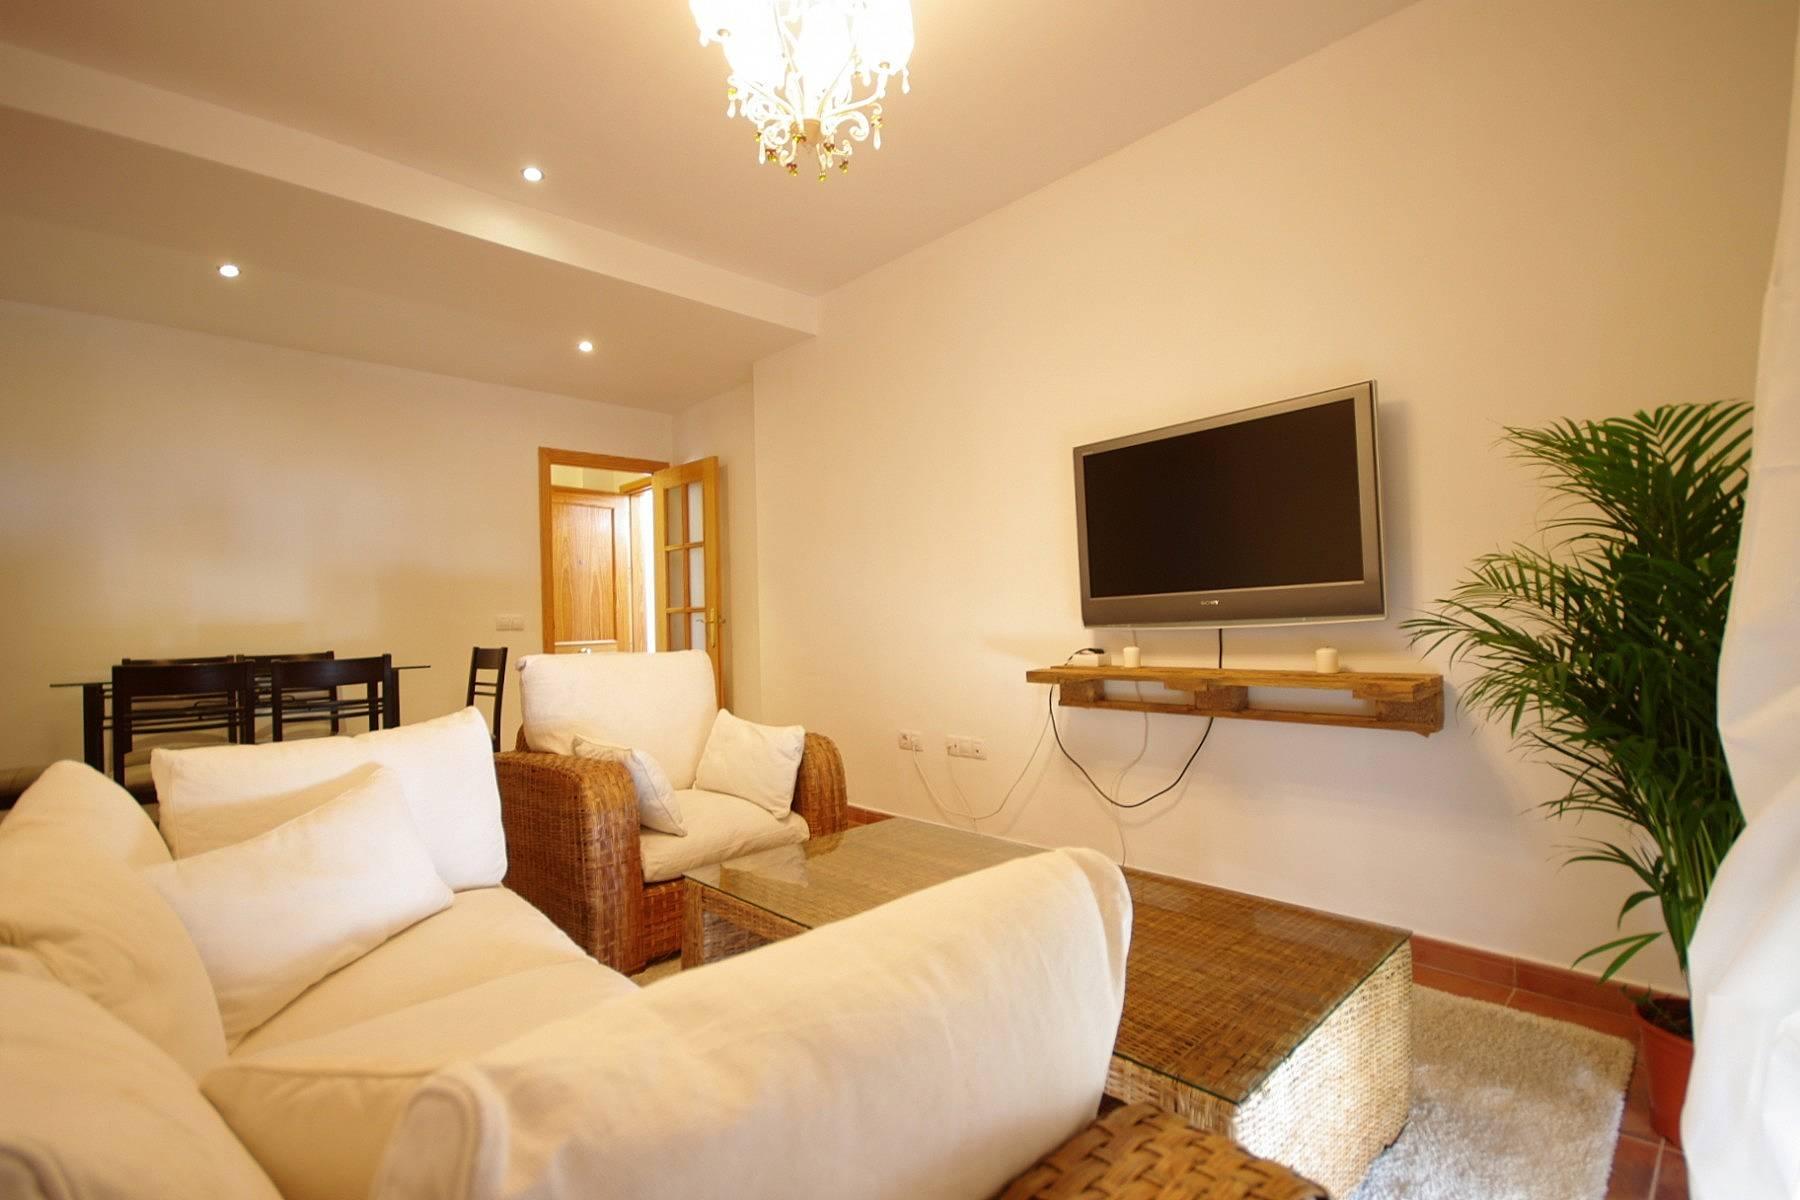 Alquiler apartamentos vacacionales en facinas tarifa y casas rurales - Alquiler casas tarifa ...